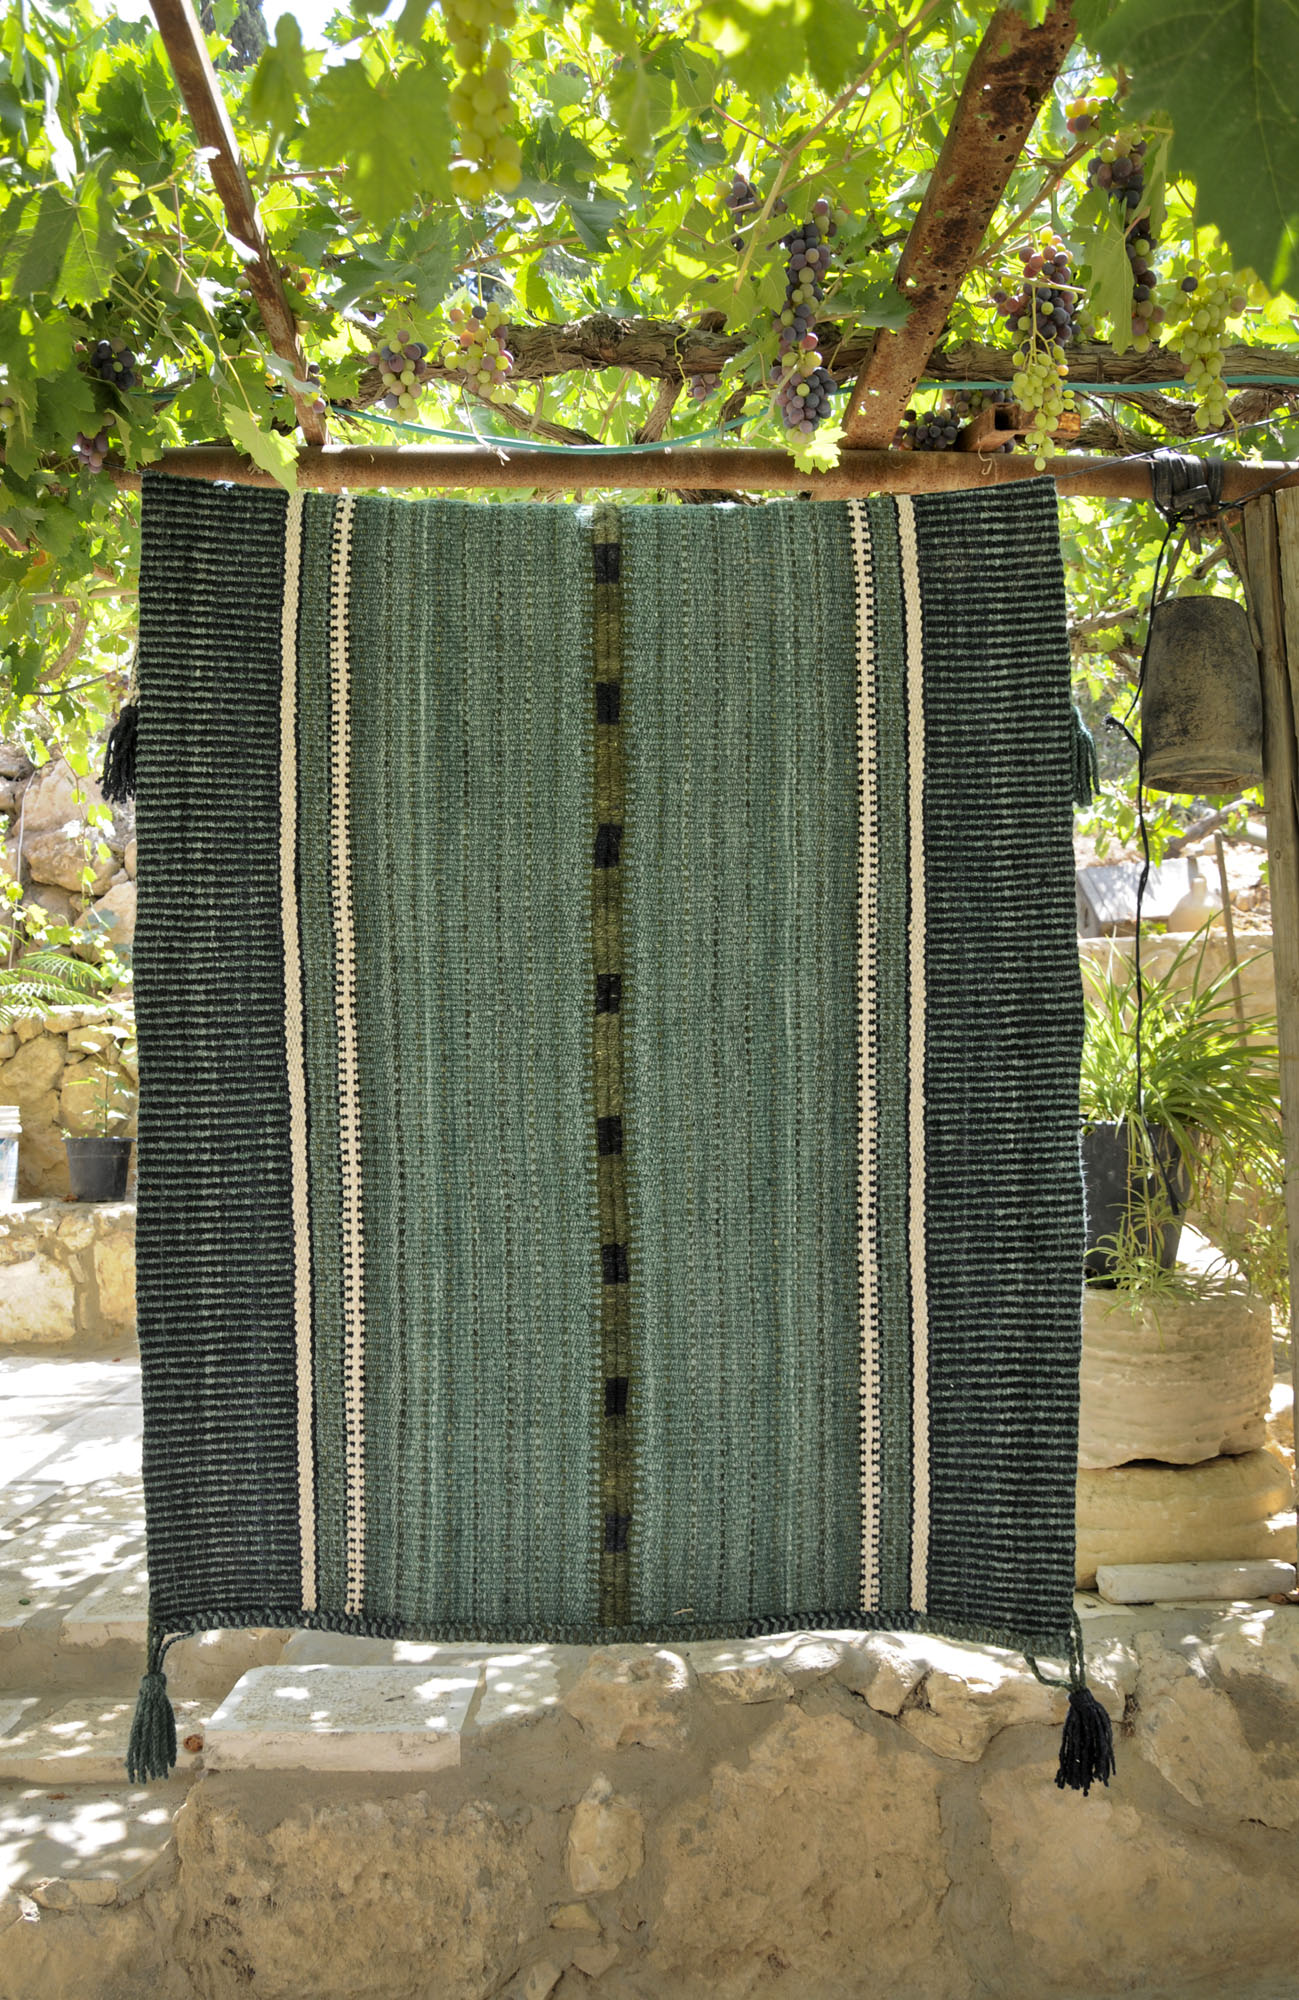 לחצו לשטיחים היפים שאורגות נשות לקייה (צילום: איוב אבו מדיעם)